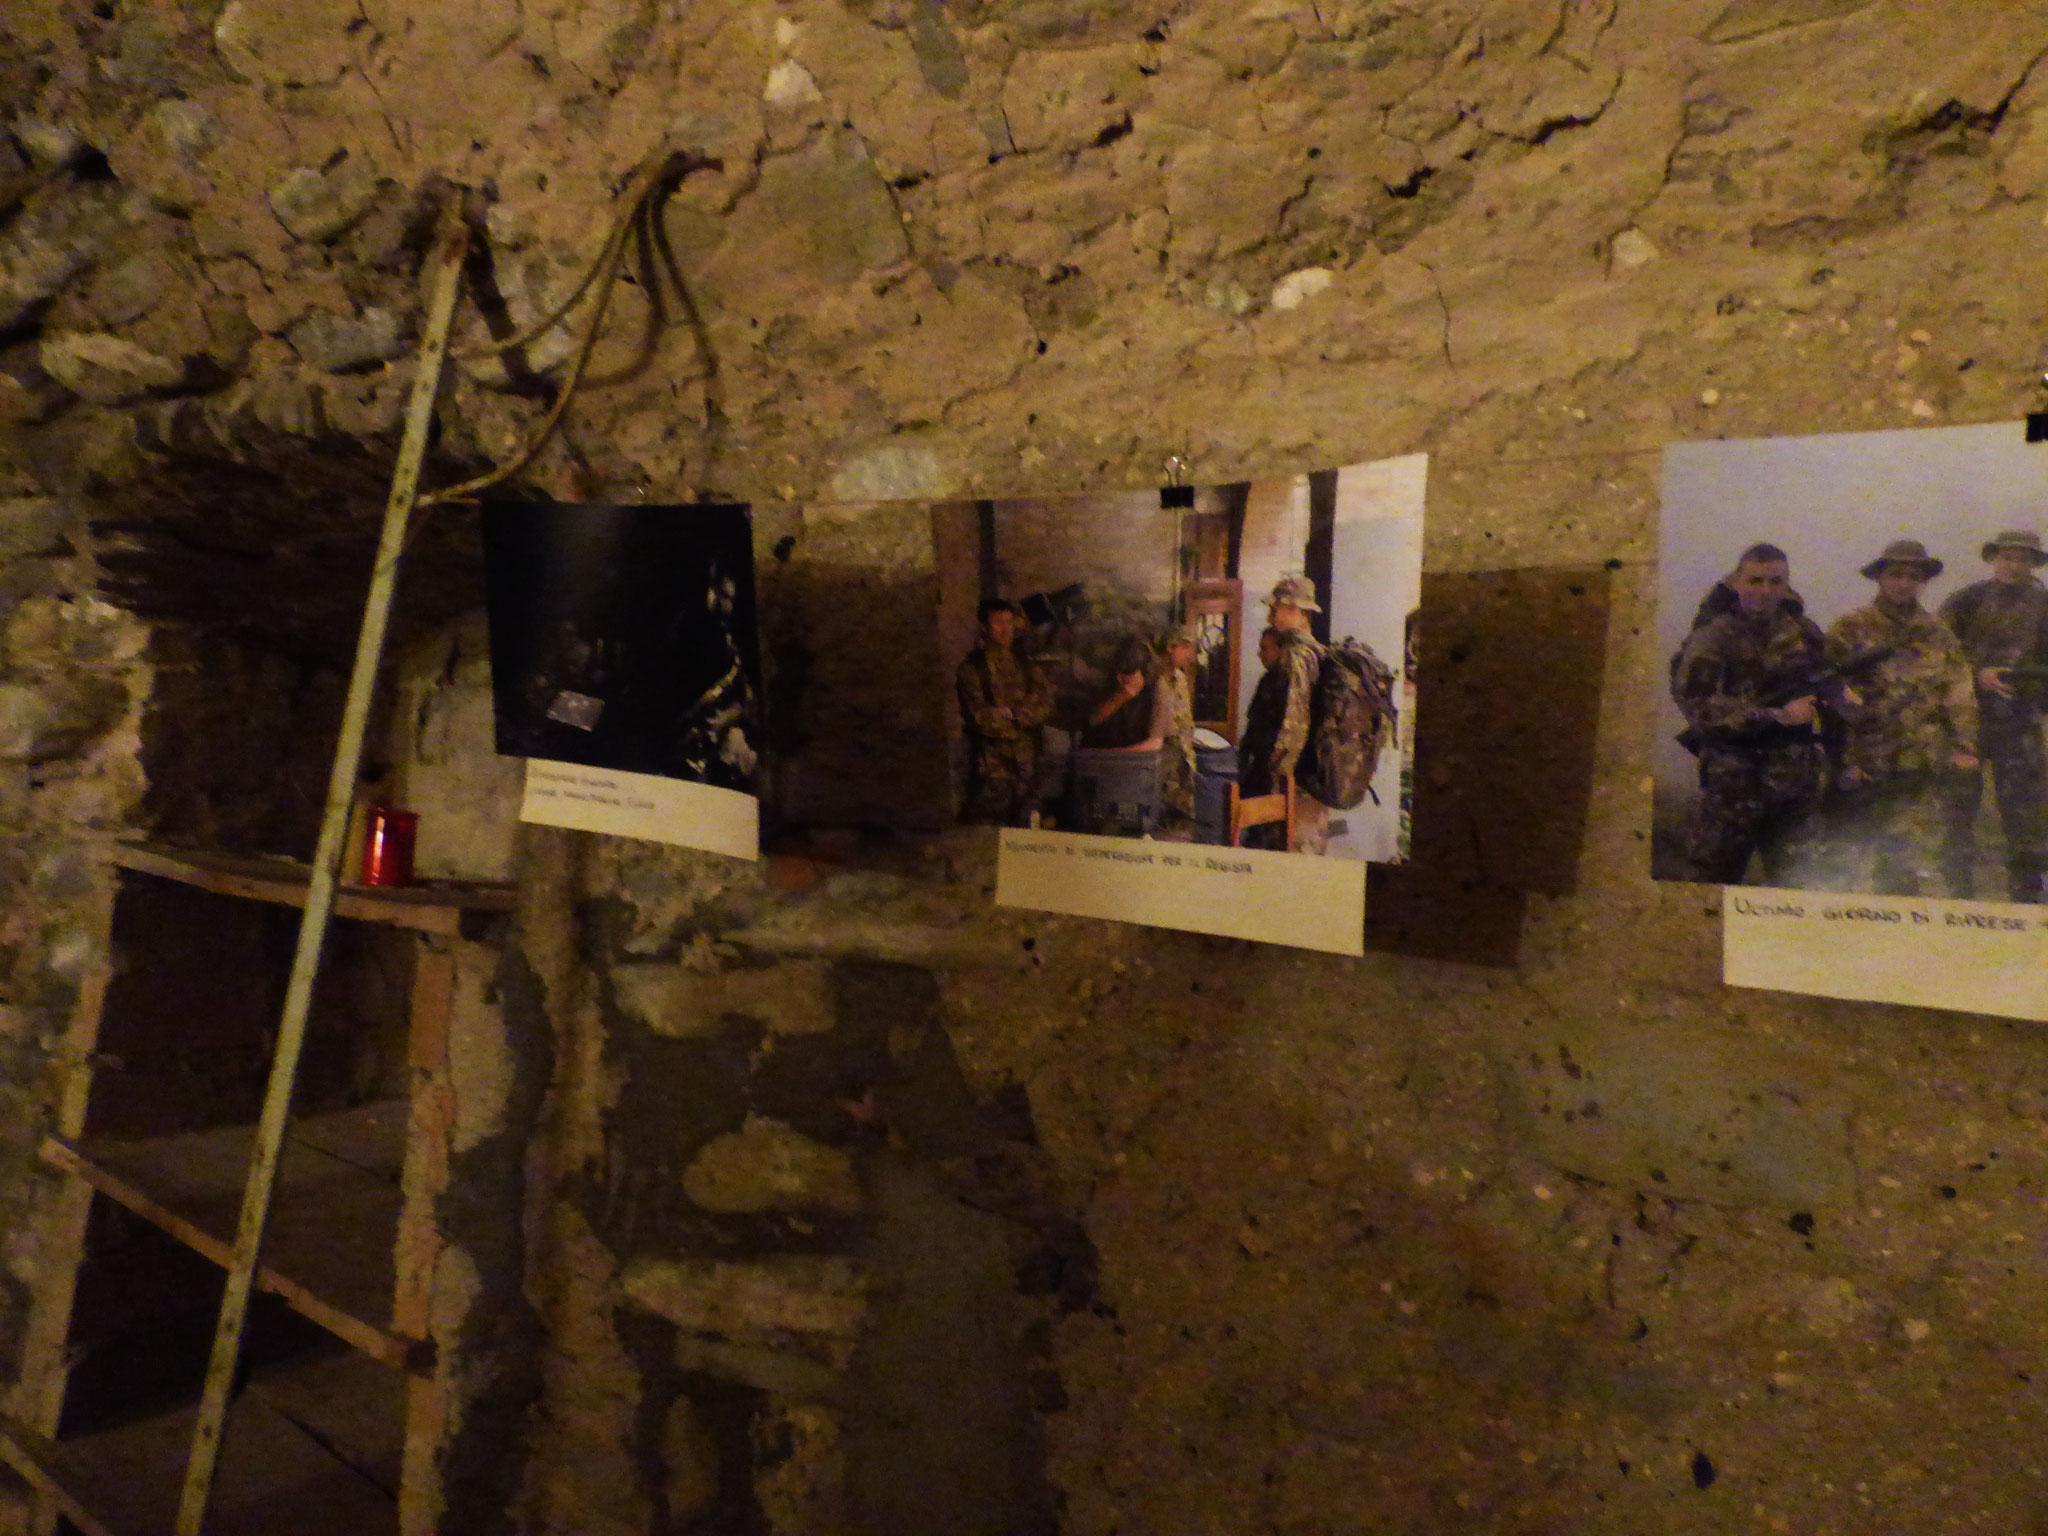 Mostra Film Vista Mare Mezzano Scotti di Bobbio - regia Castoldi